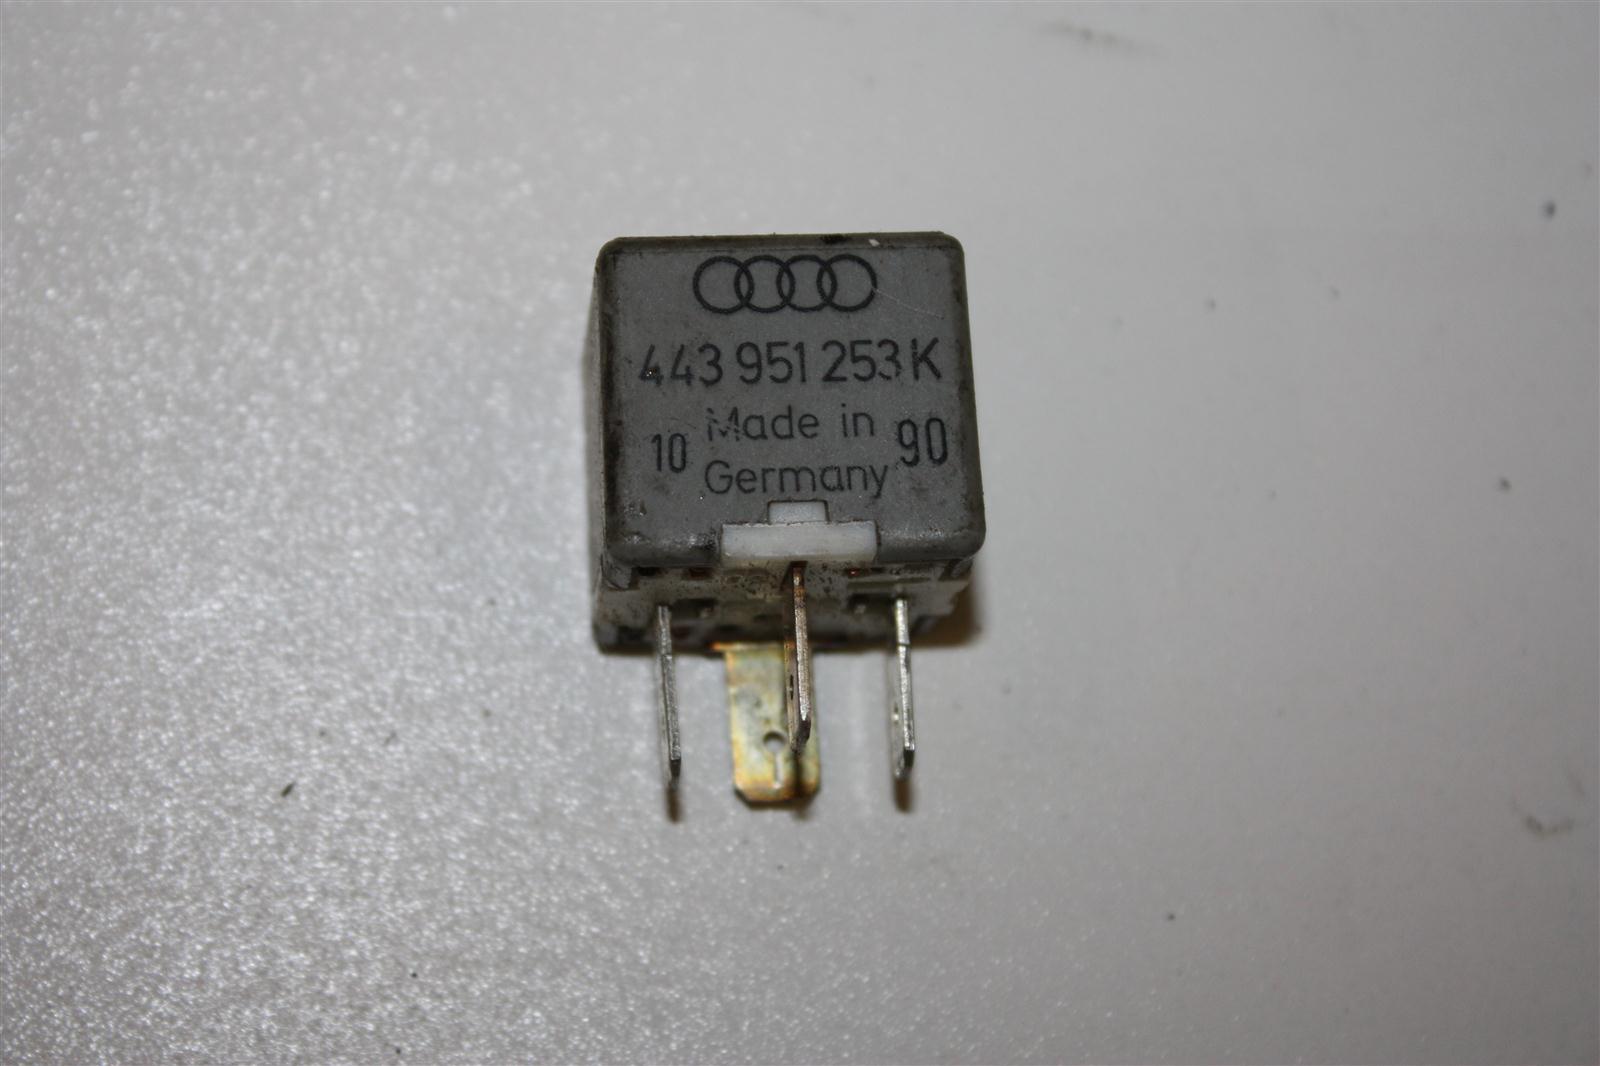 Audi/VW 80/100/A4/A6 Relais 214 443951253K